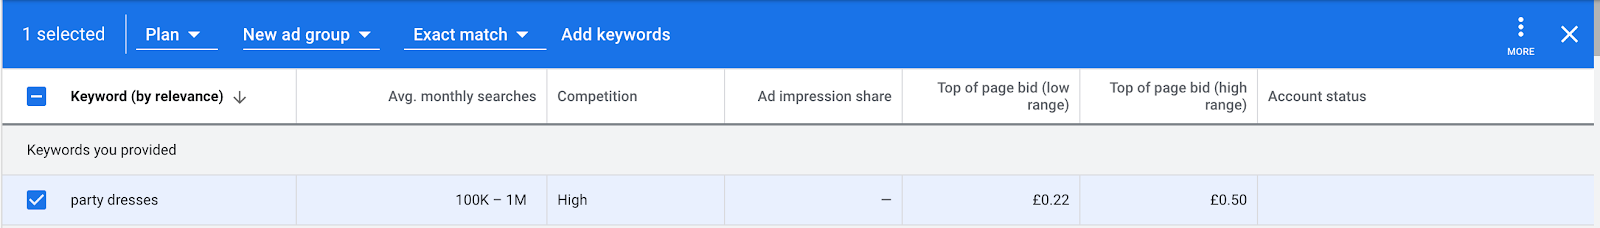 Volume data in Google Keyword Planner